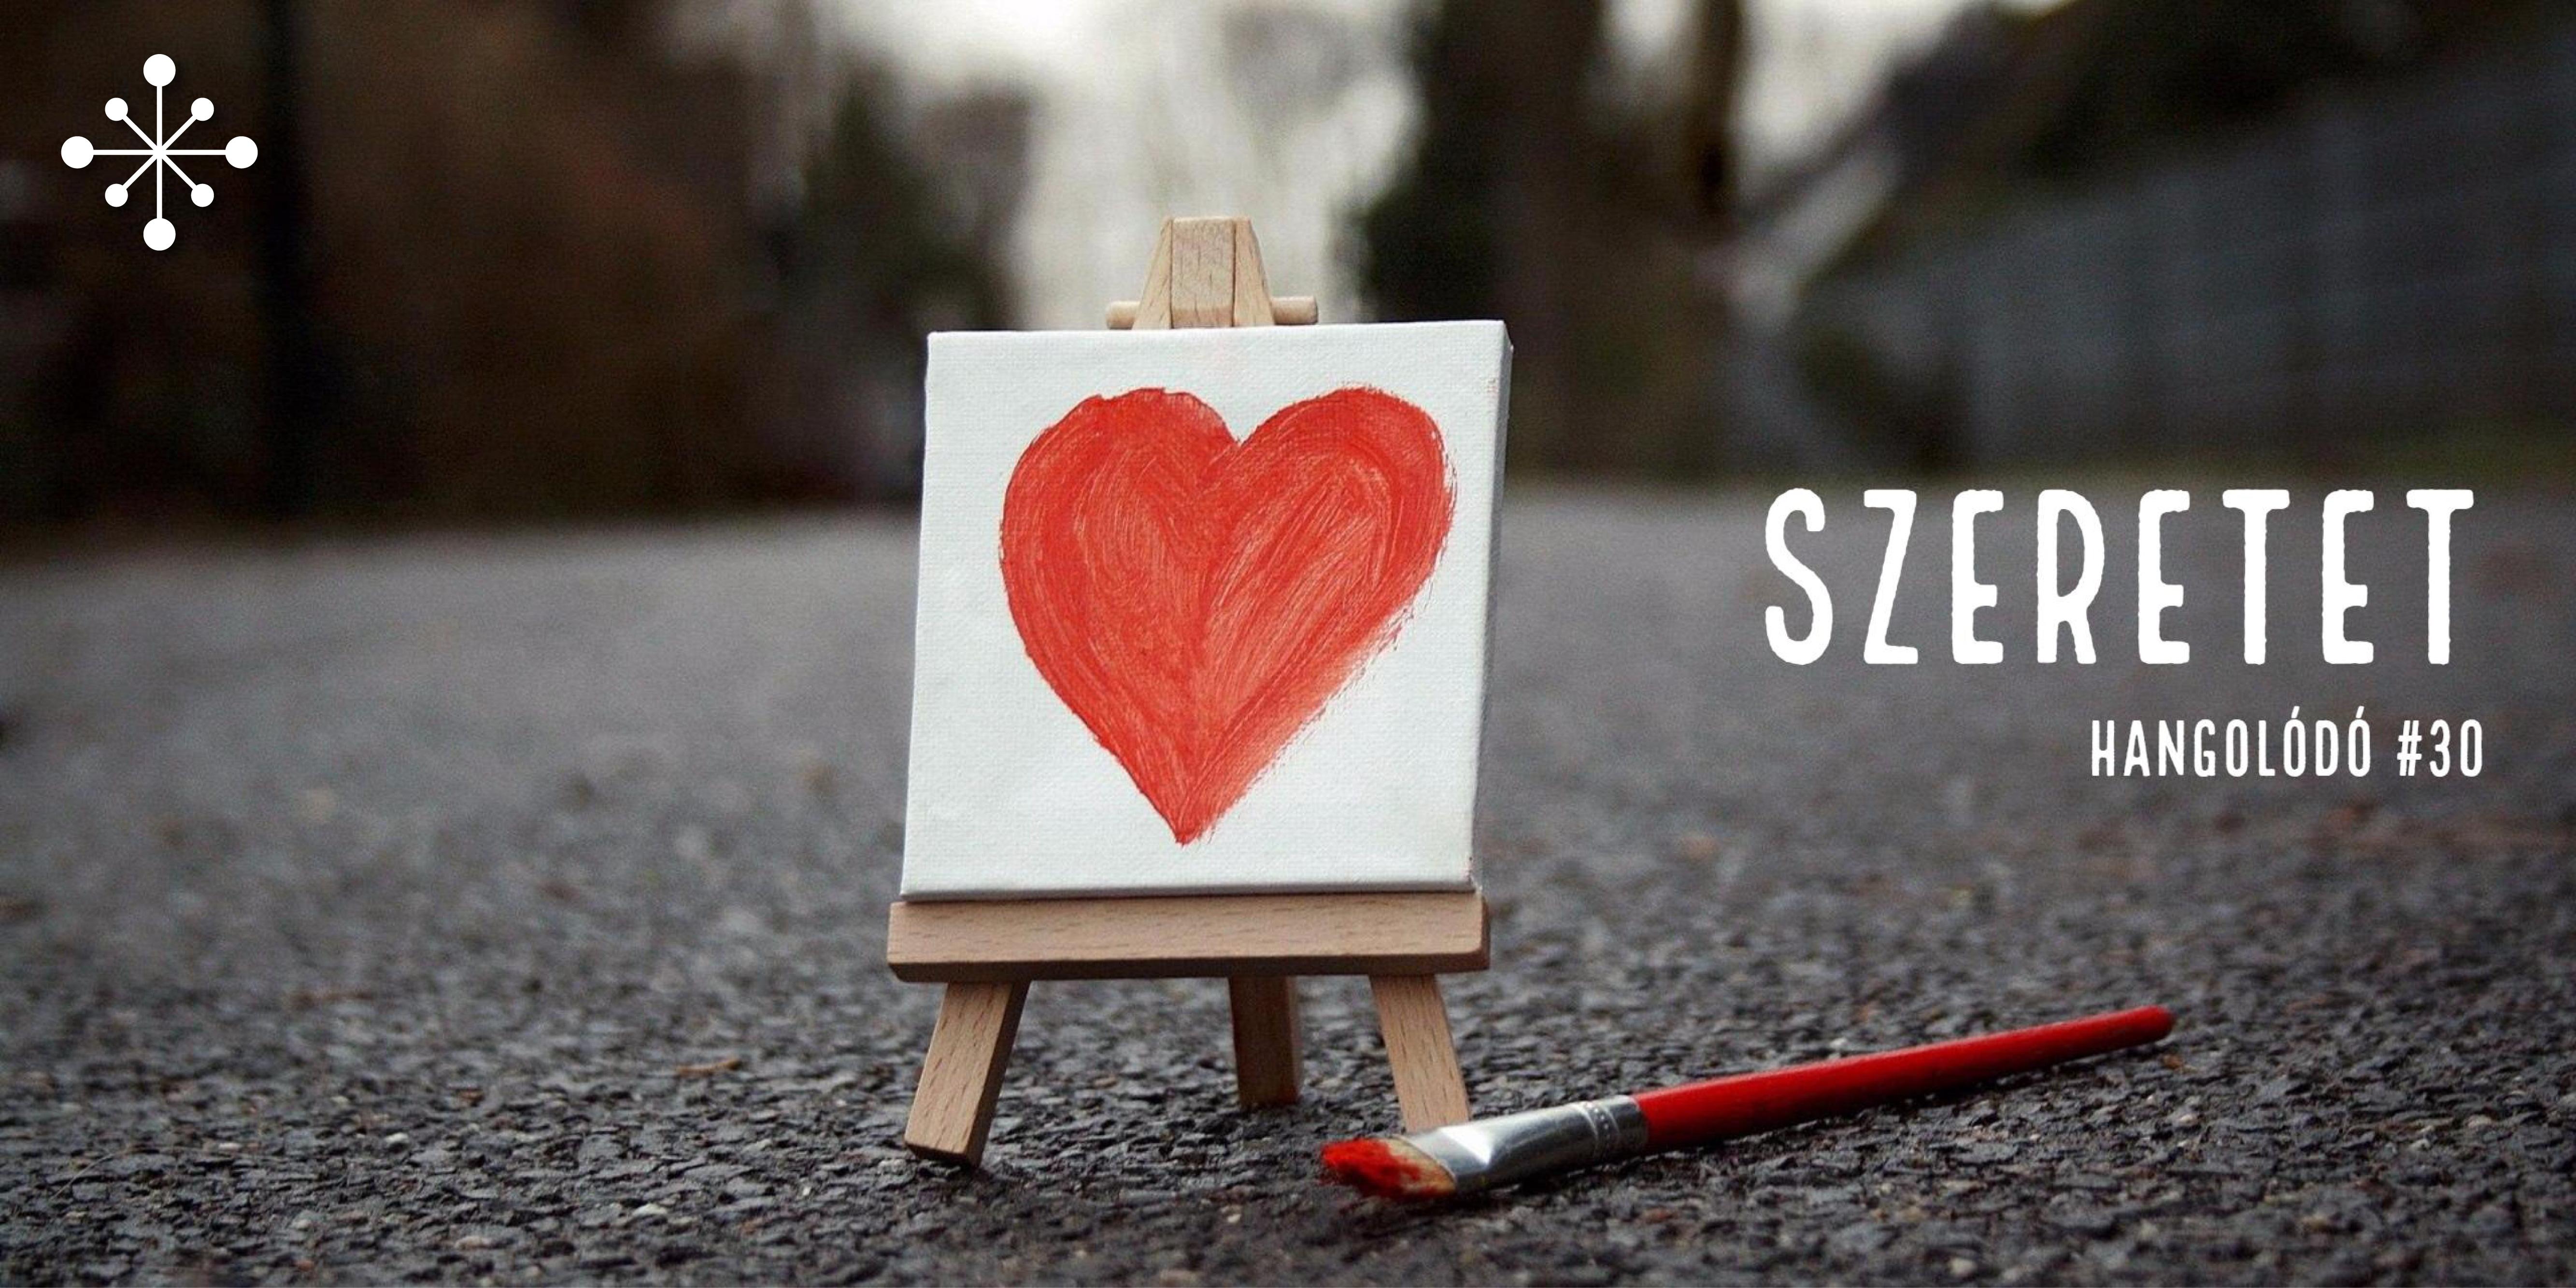 Hangolódó #30 | Szeretet